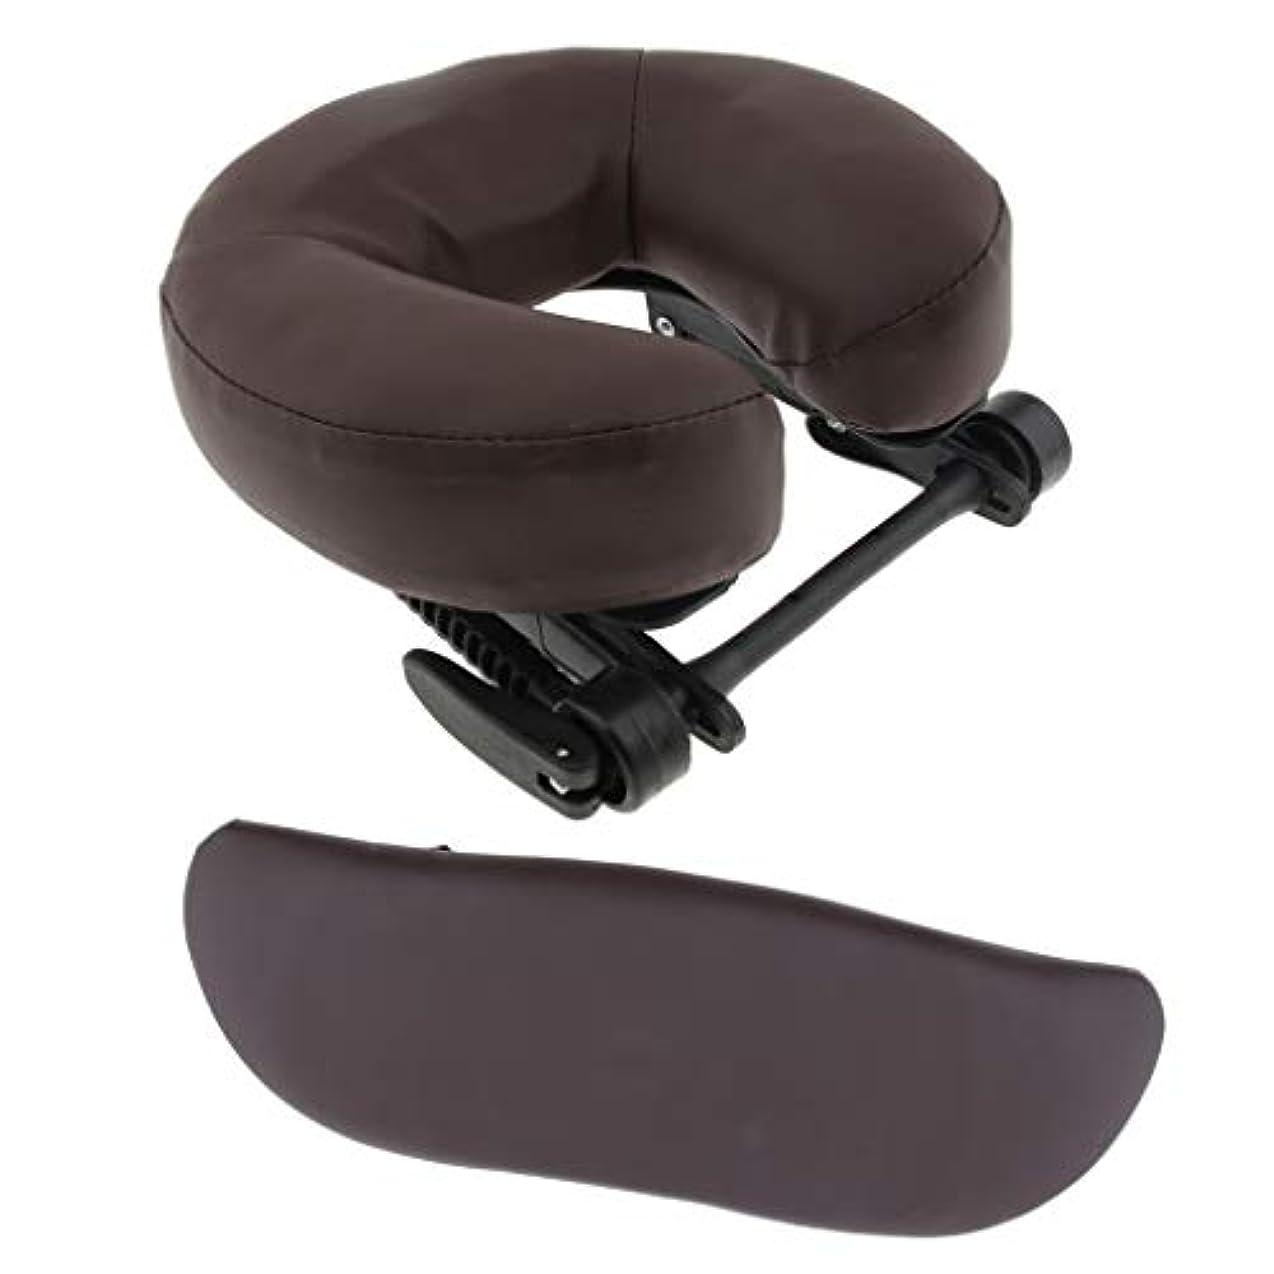 むしろリフトハッチFLAMEER マッサージ用クッション サポートピロー 枕 サロン エステ 調整可 3色選べ - 褐色